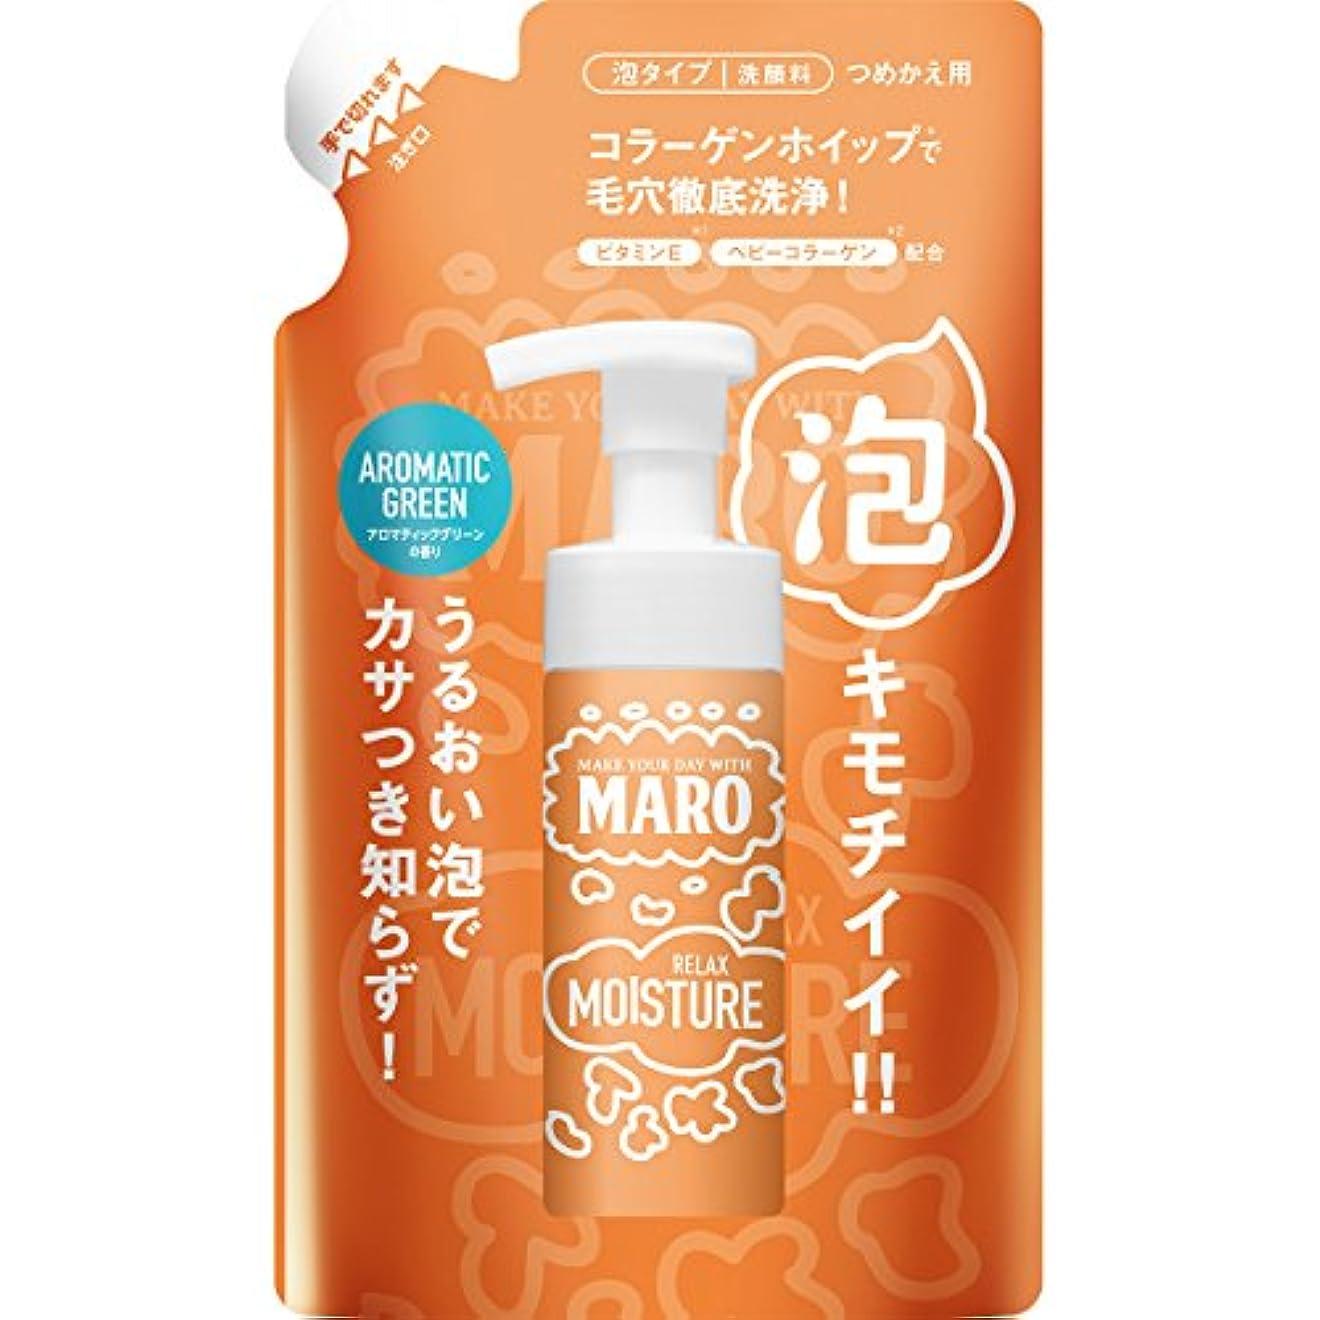 玉ねぎ道に迷いました異常なMARO グルーヴィー 泡洗顔 詰め替え リラックスモイスチャー 130ml